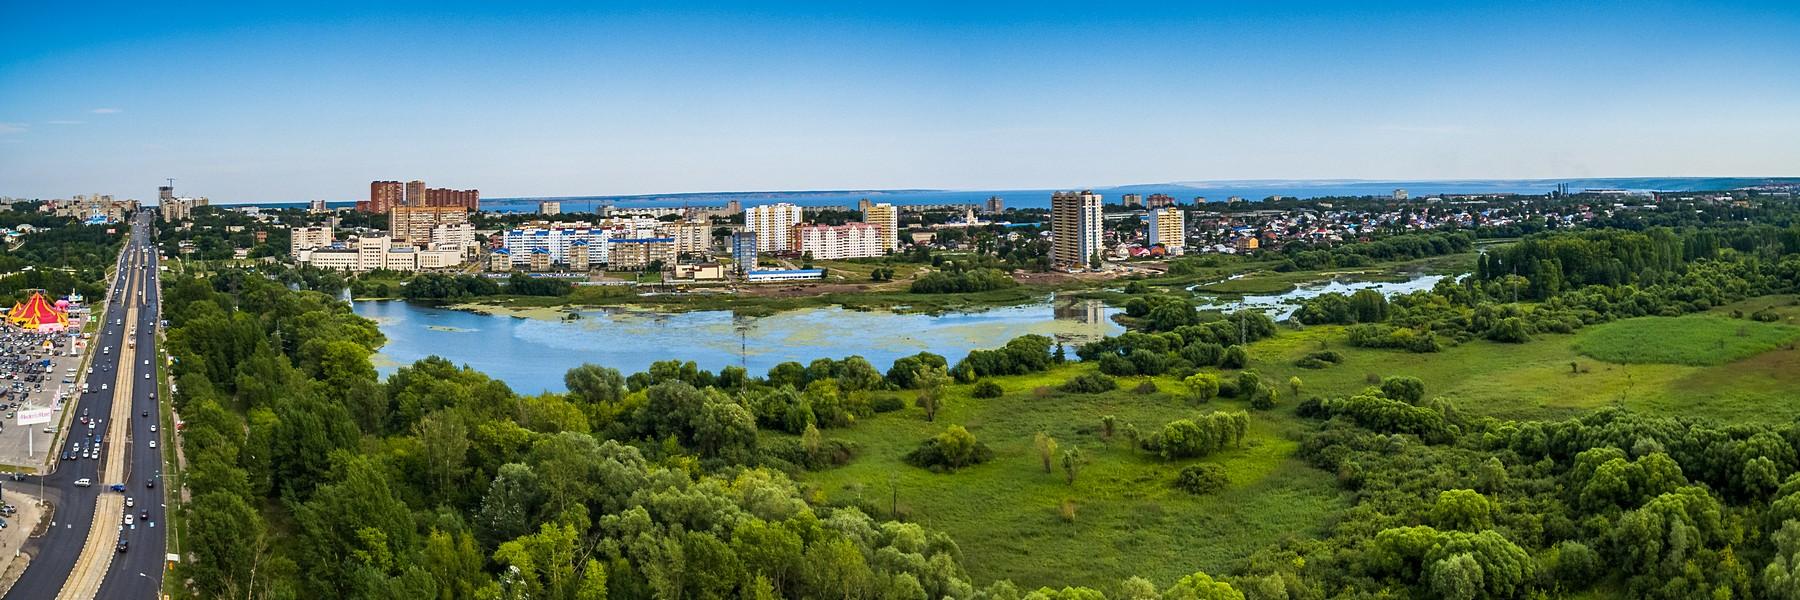 ulyanovsk039.jpg